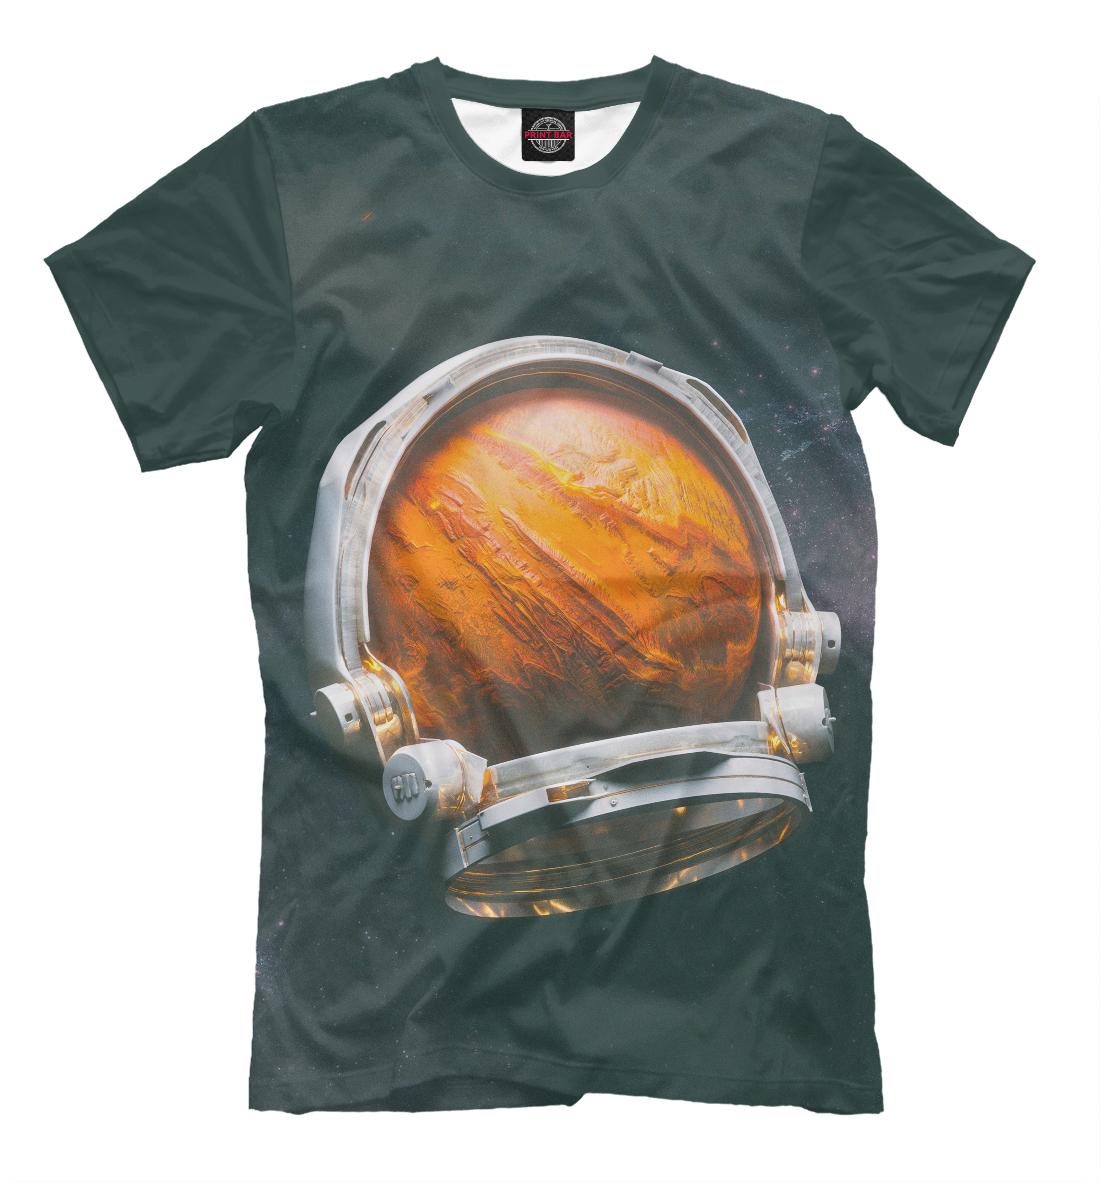 Купить Космос, Printbar, Футболки, PSY-983189-fut-2